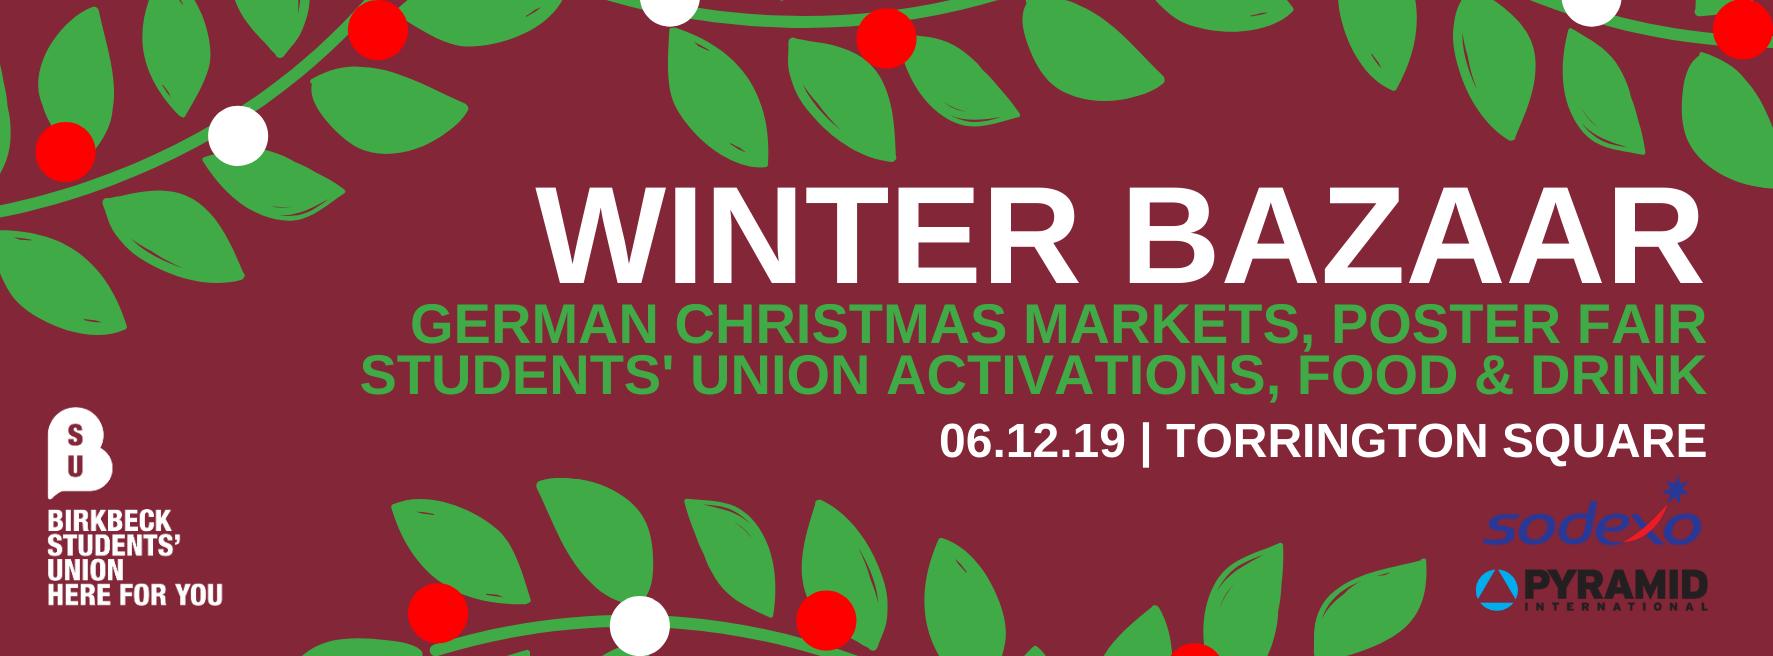 Winter bazaar banner